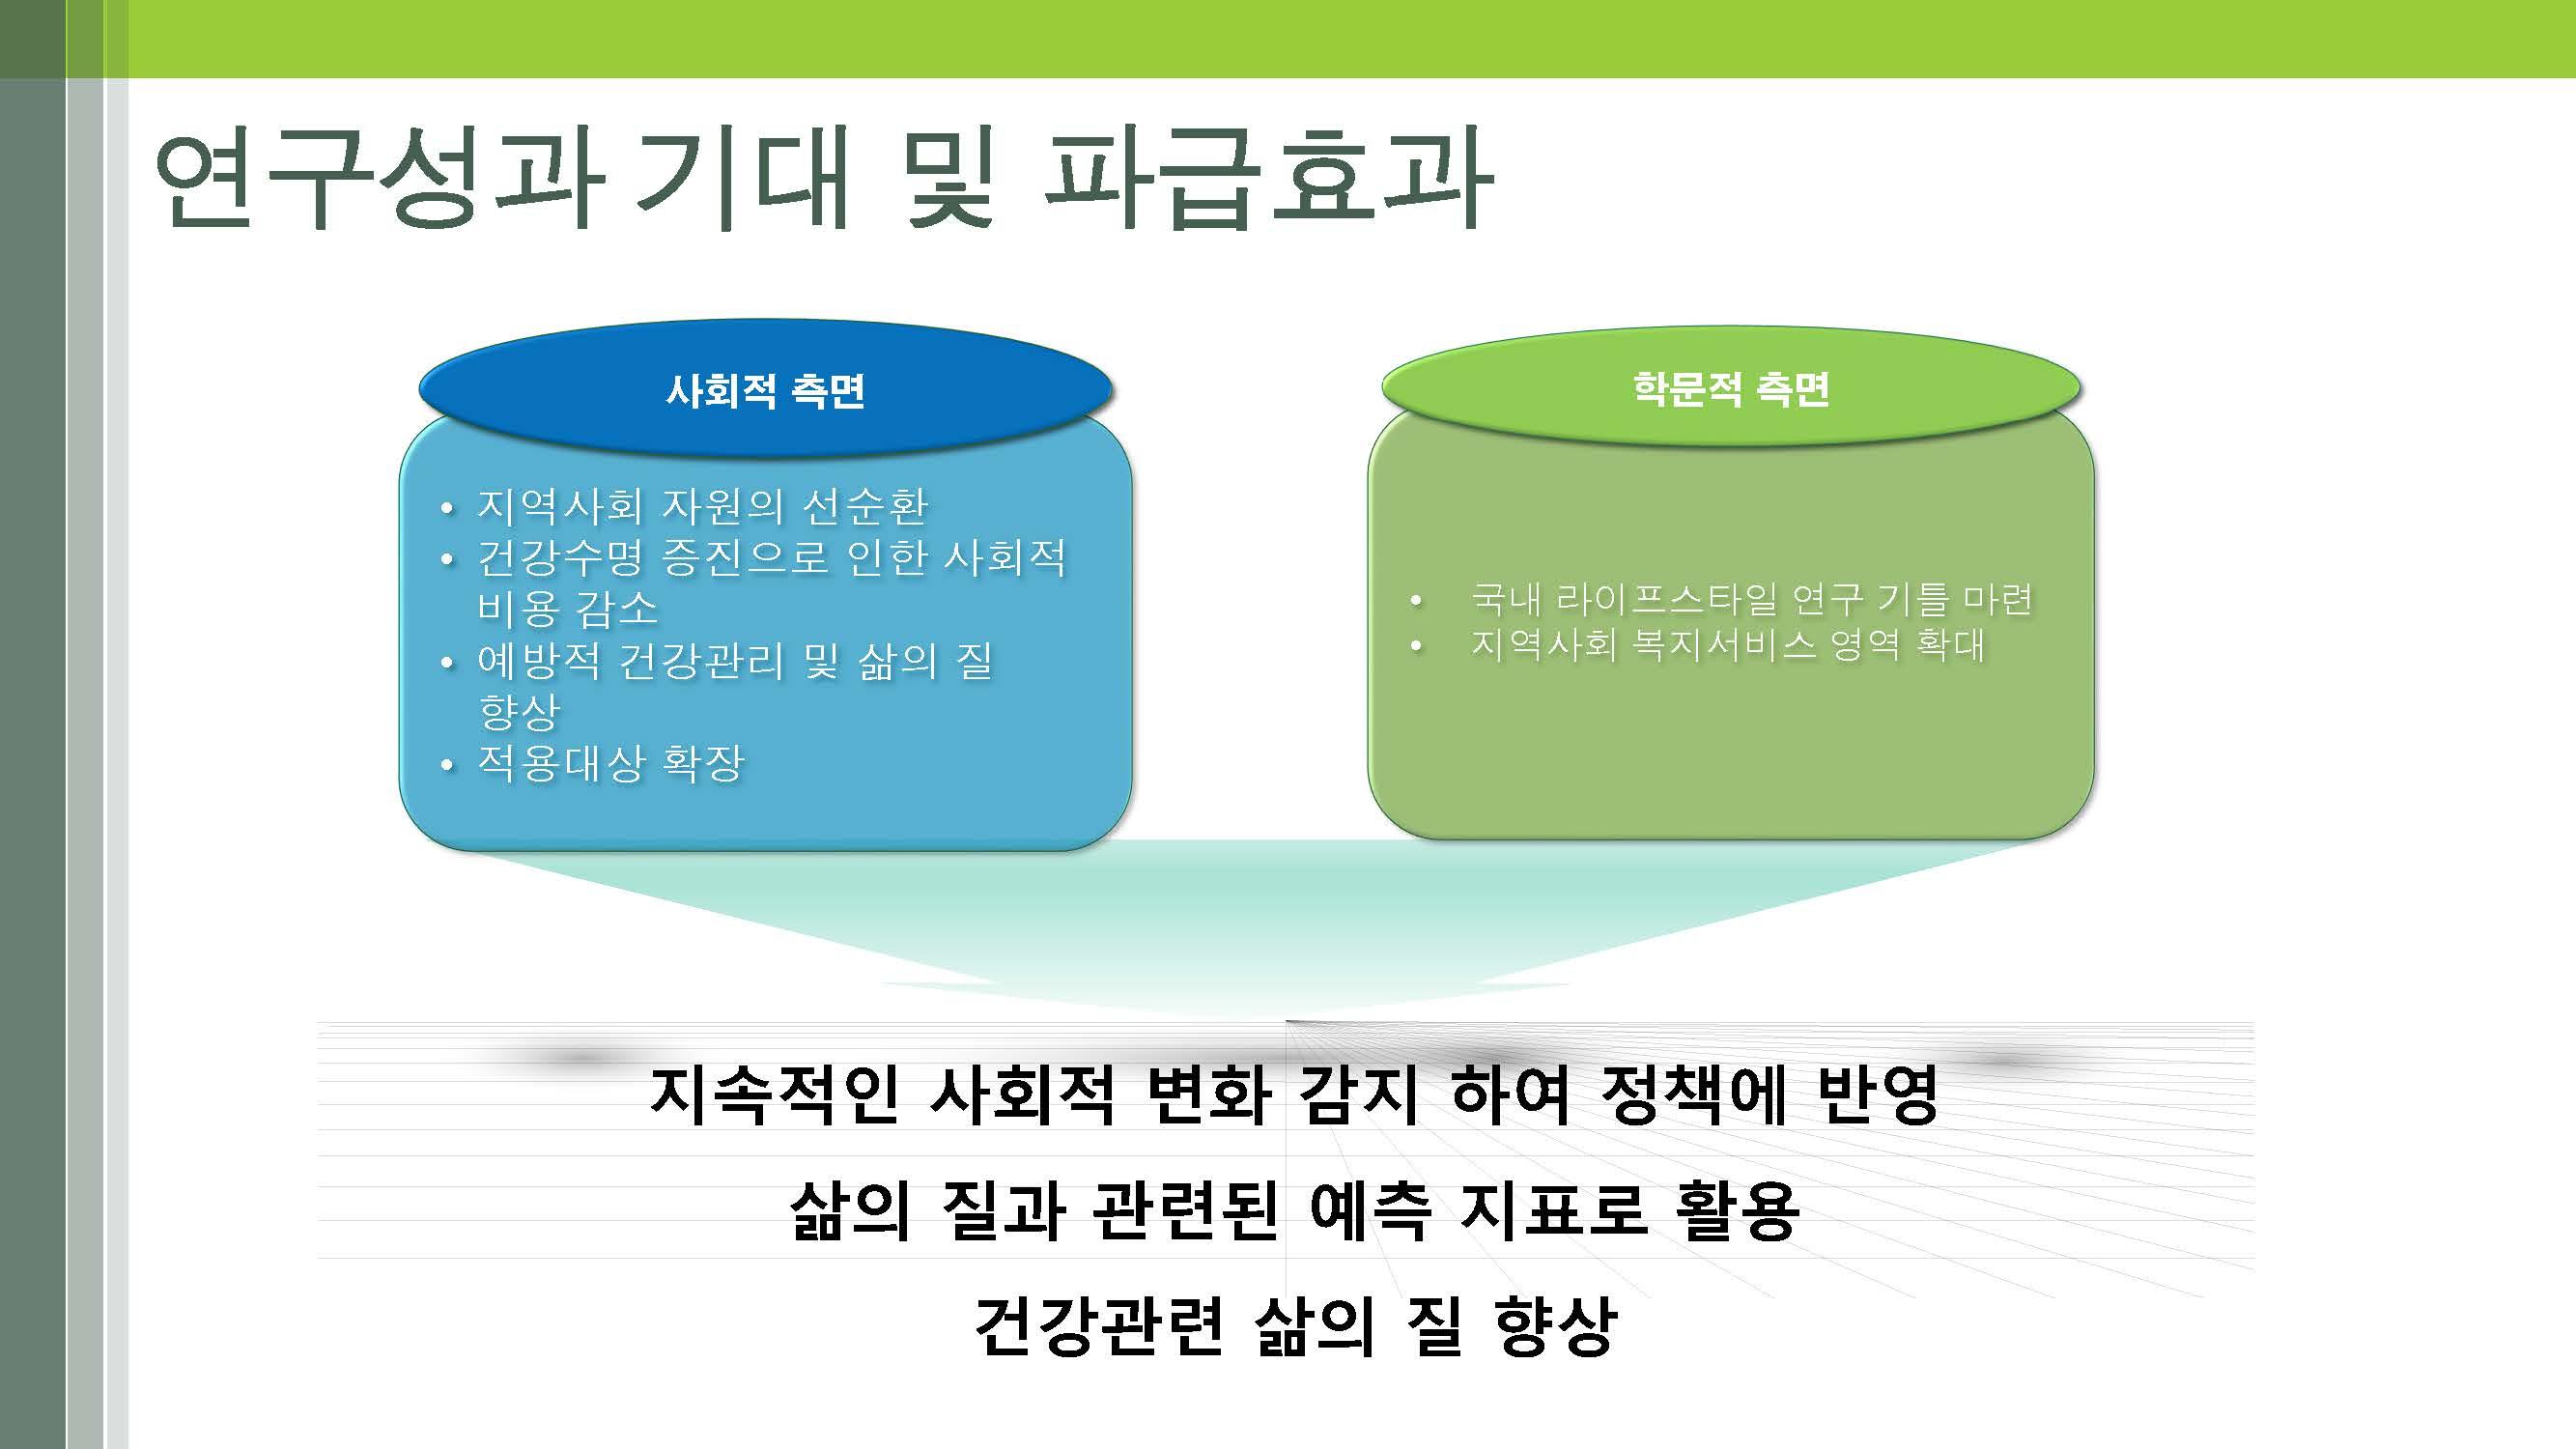 노인의 다면적 라이프스타일 개발(연세대-박지혁) (최종)_페이지_20